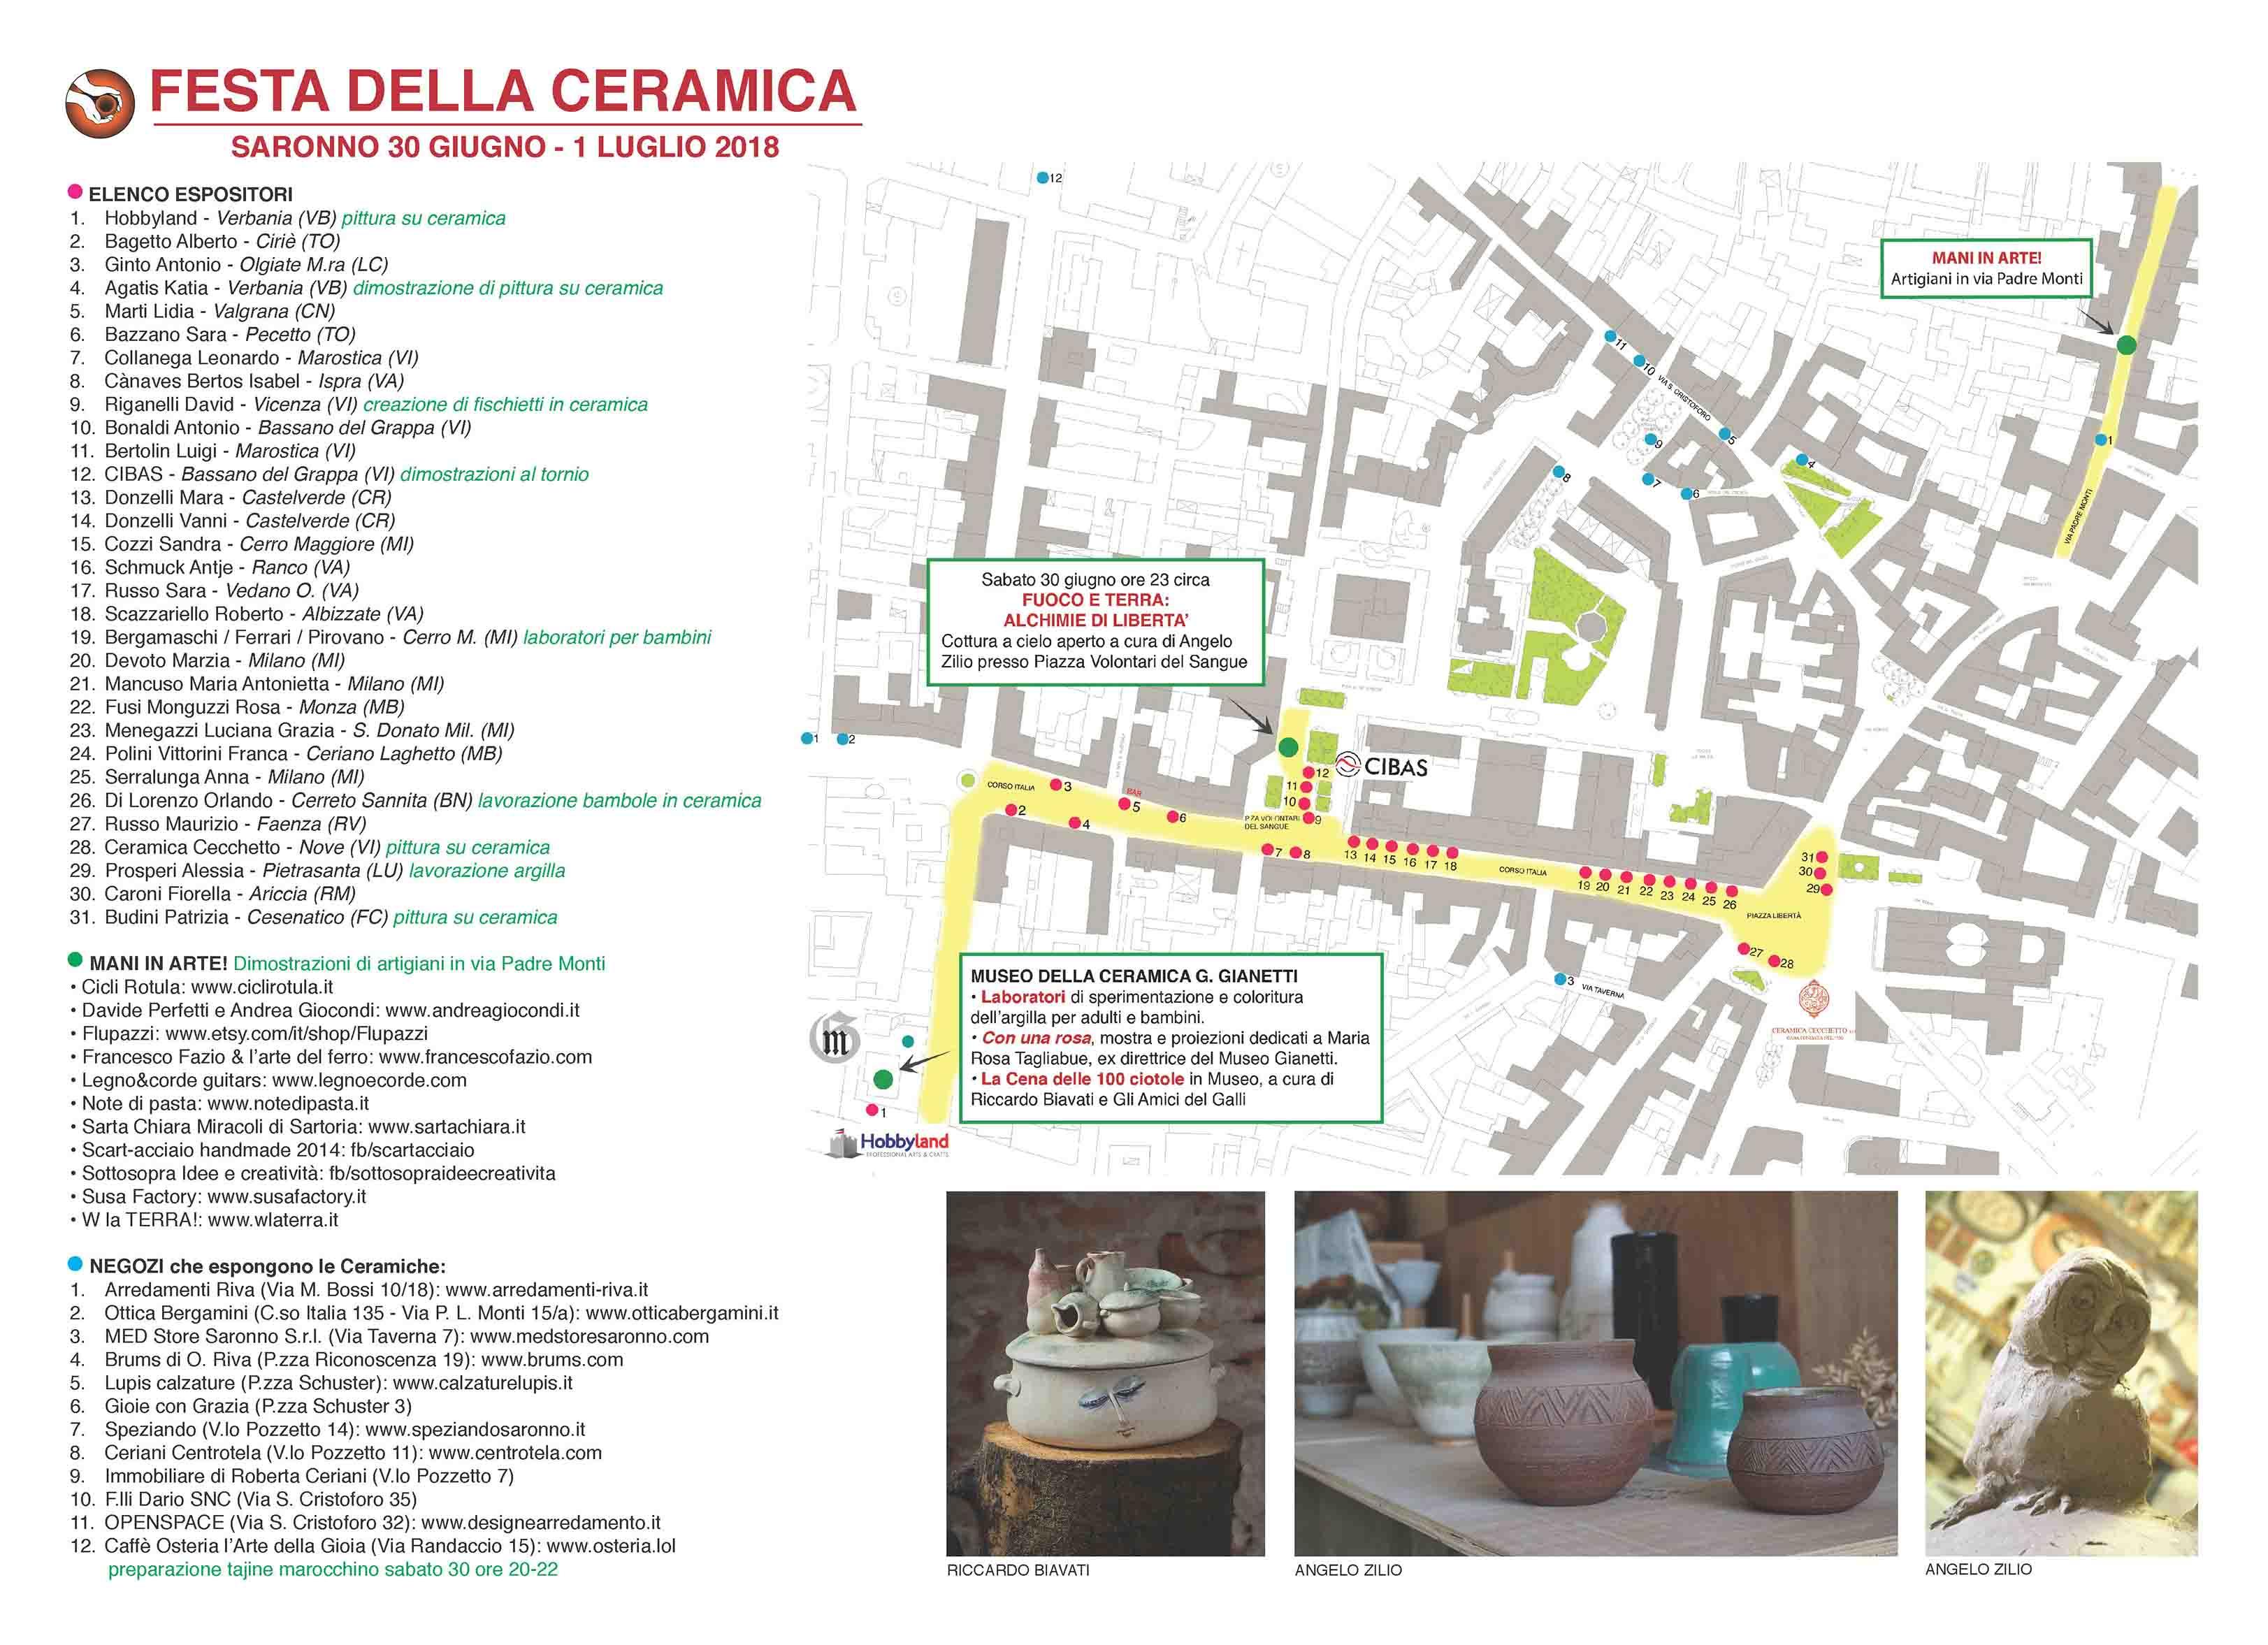 Festa della ceramica Saronno 2018 - cartina